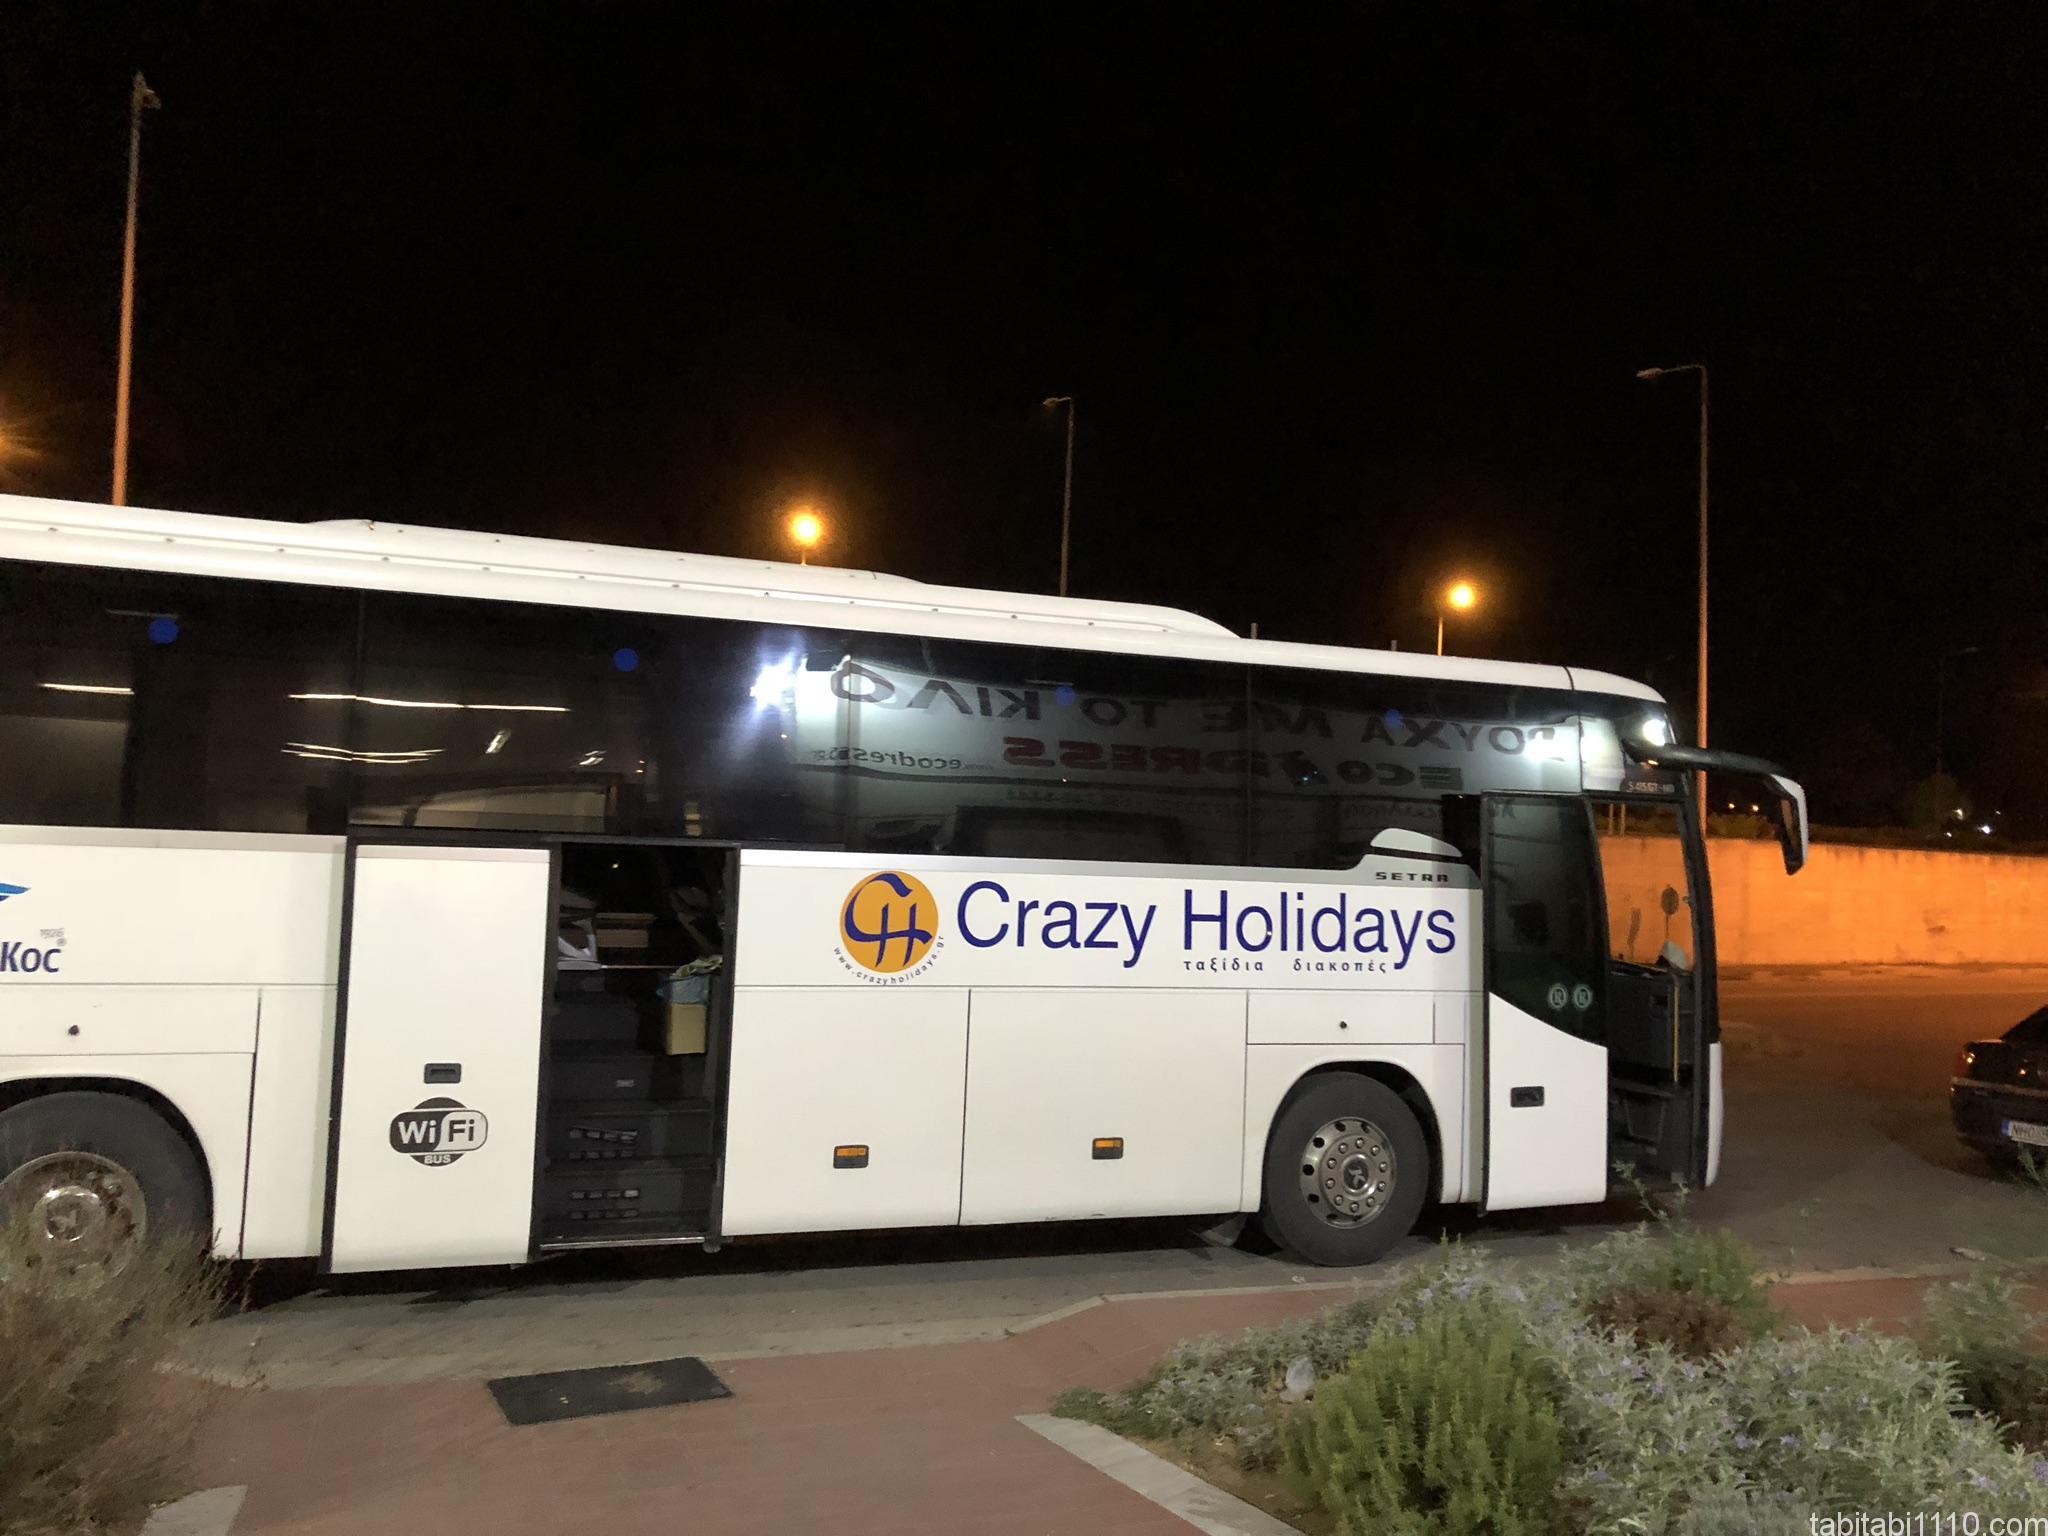 CrazyHolidays|バス